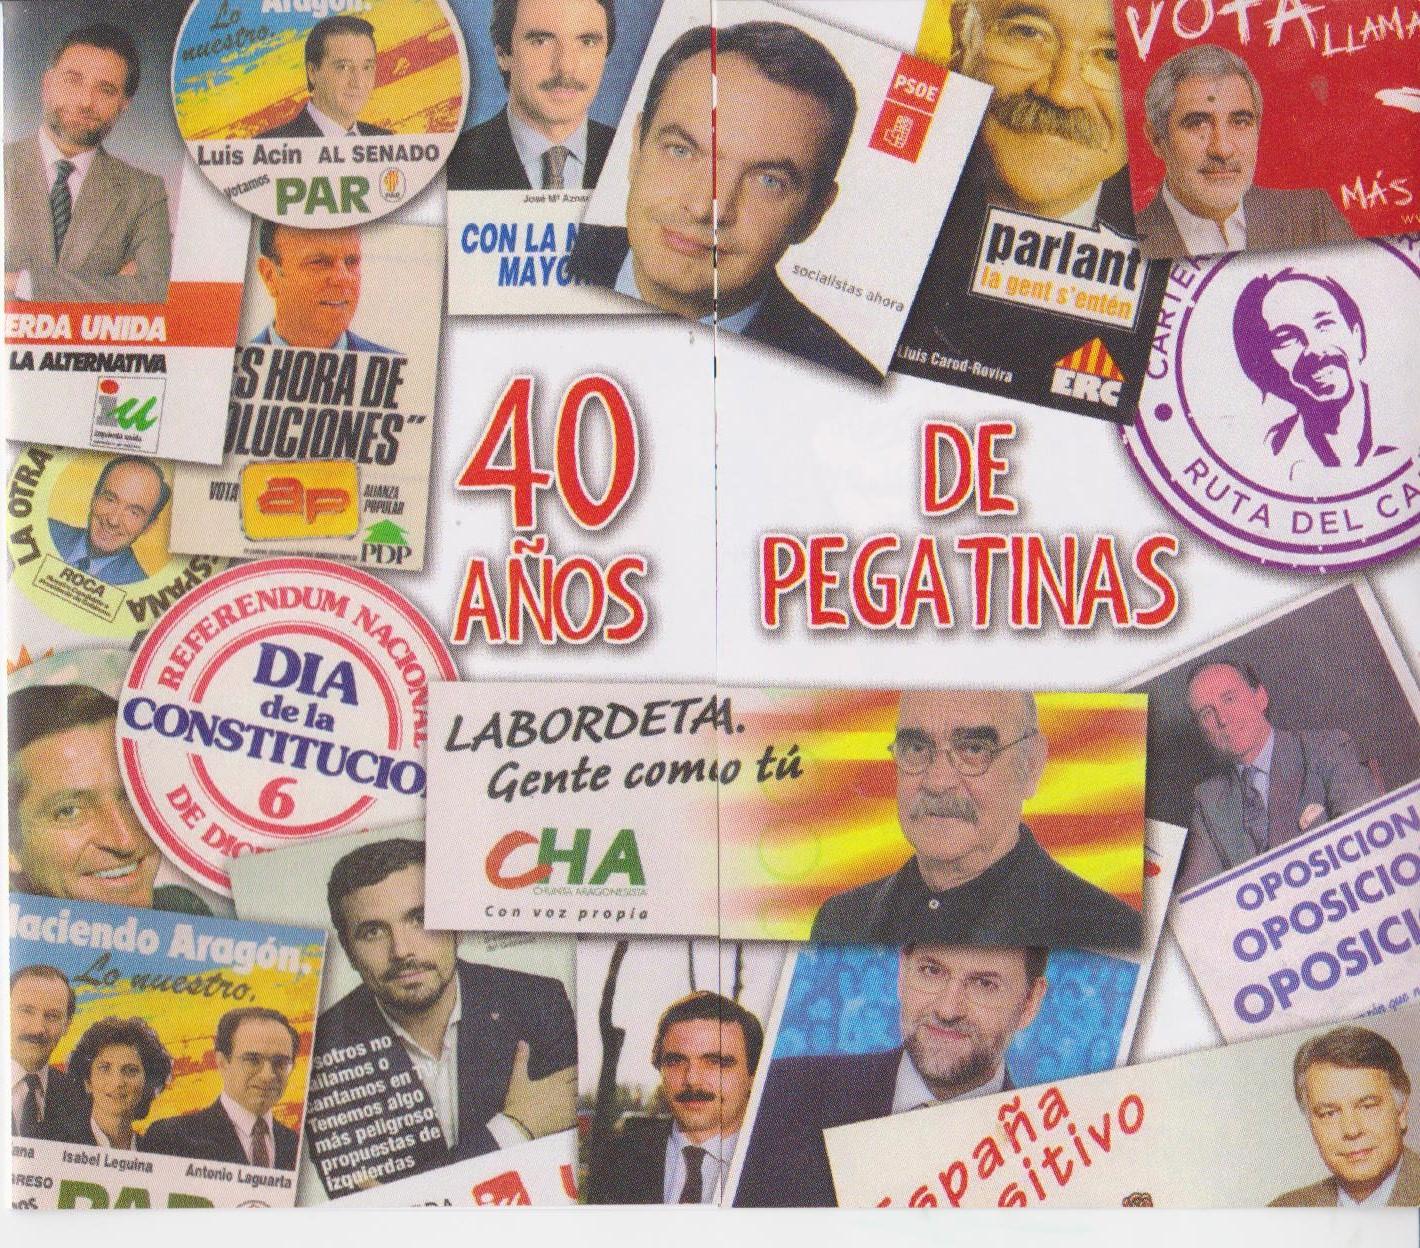 EXPOSICION 40 AÑOS DE PEGATINAS